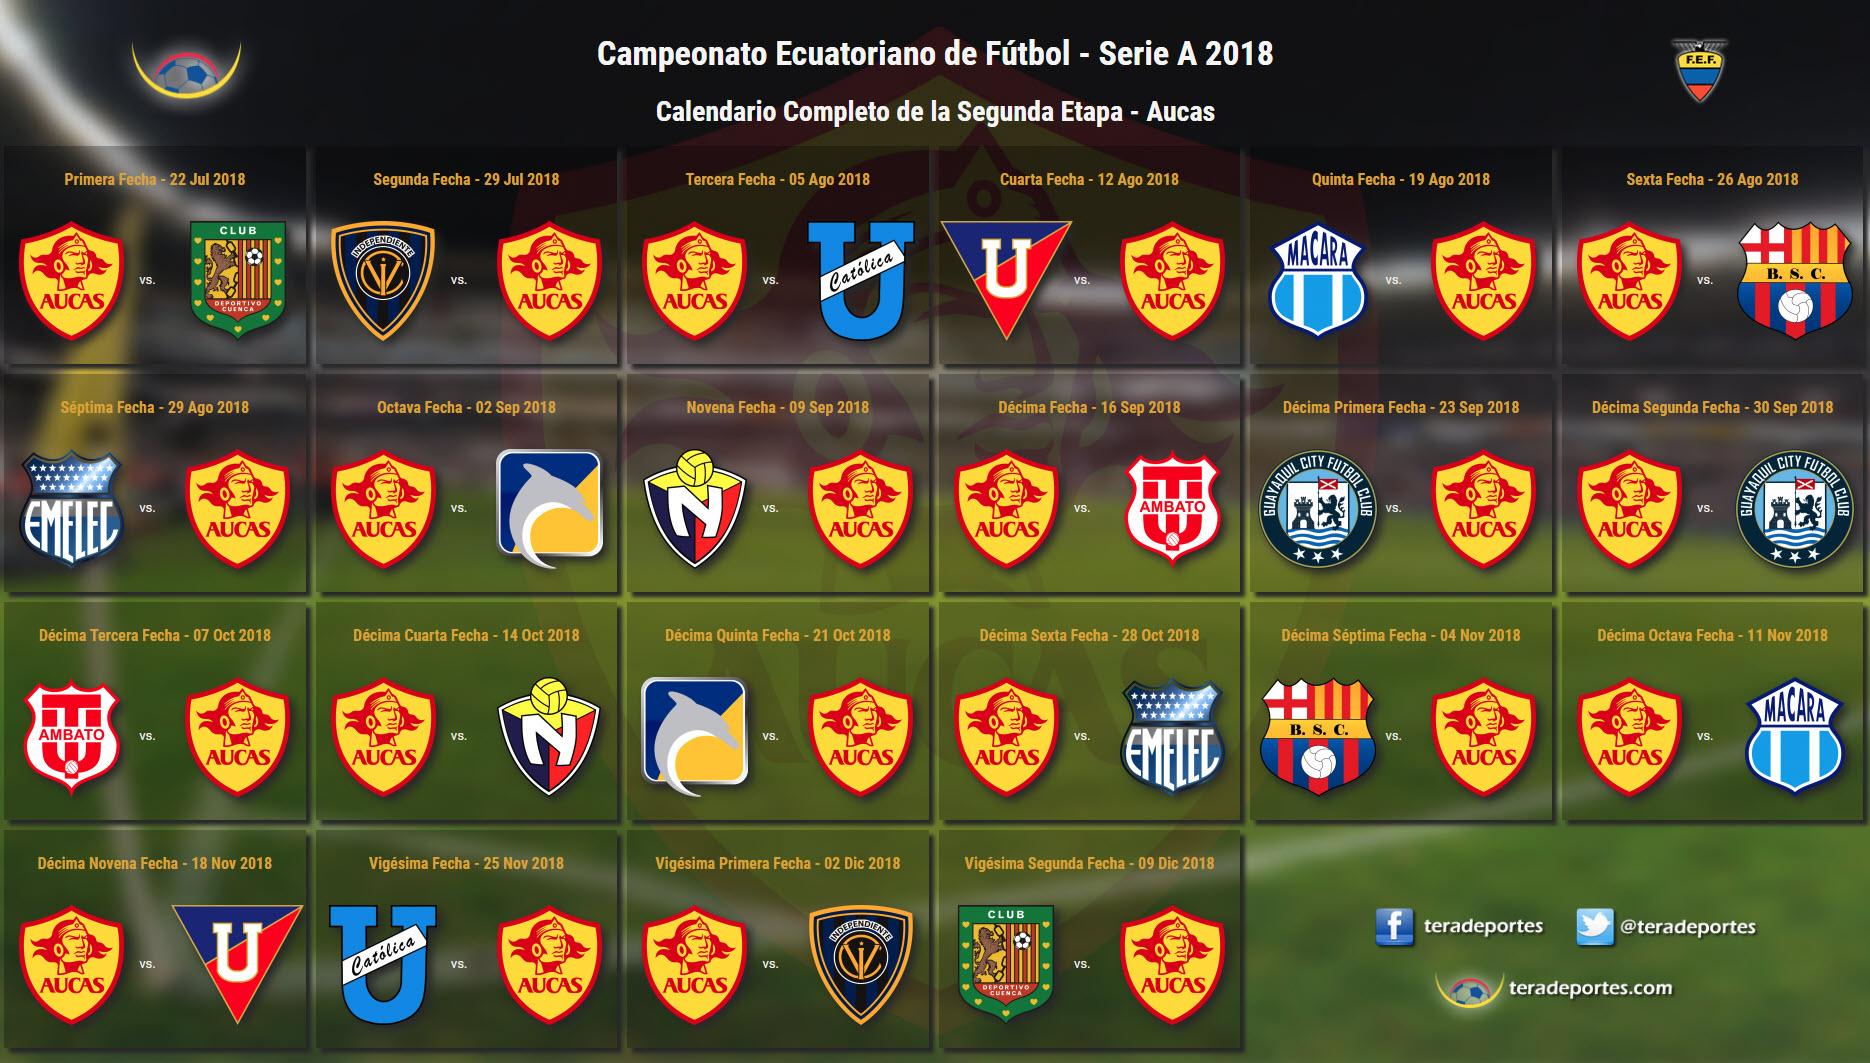 Calendario Del Barcelona.Serie A Calendario Completo Y Por Cada Equipo De La Segunda Etapa